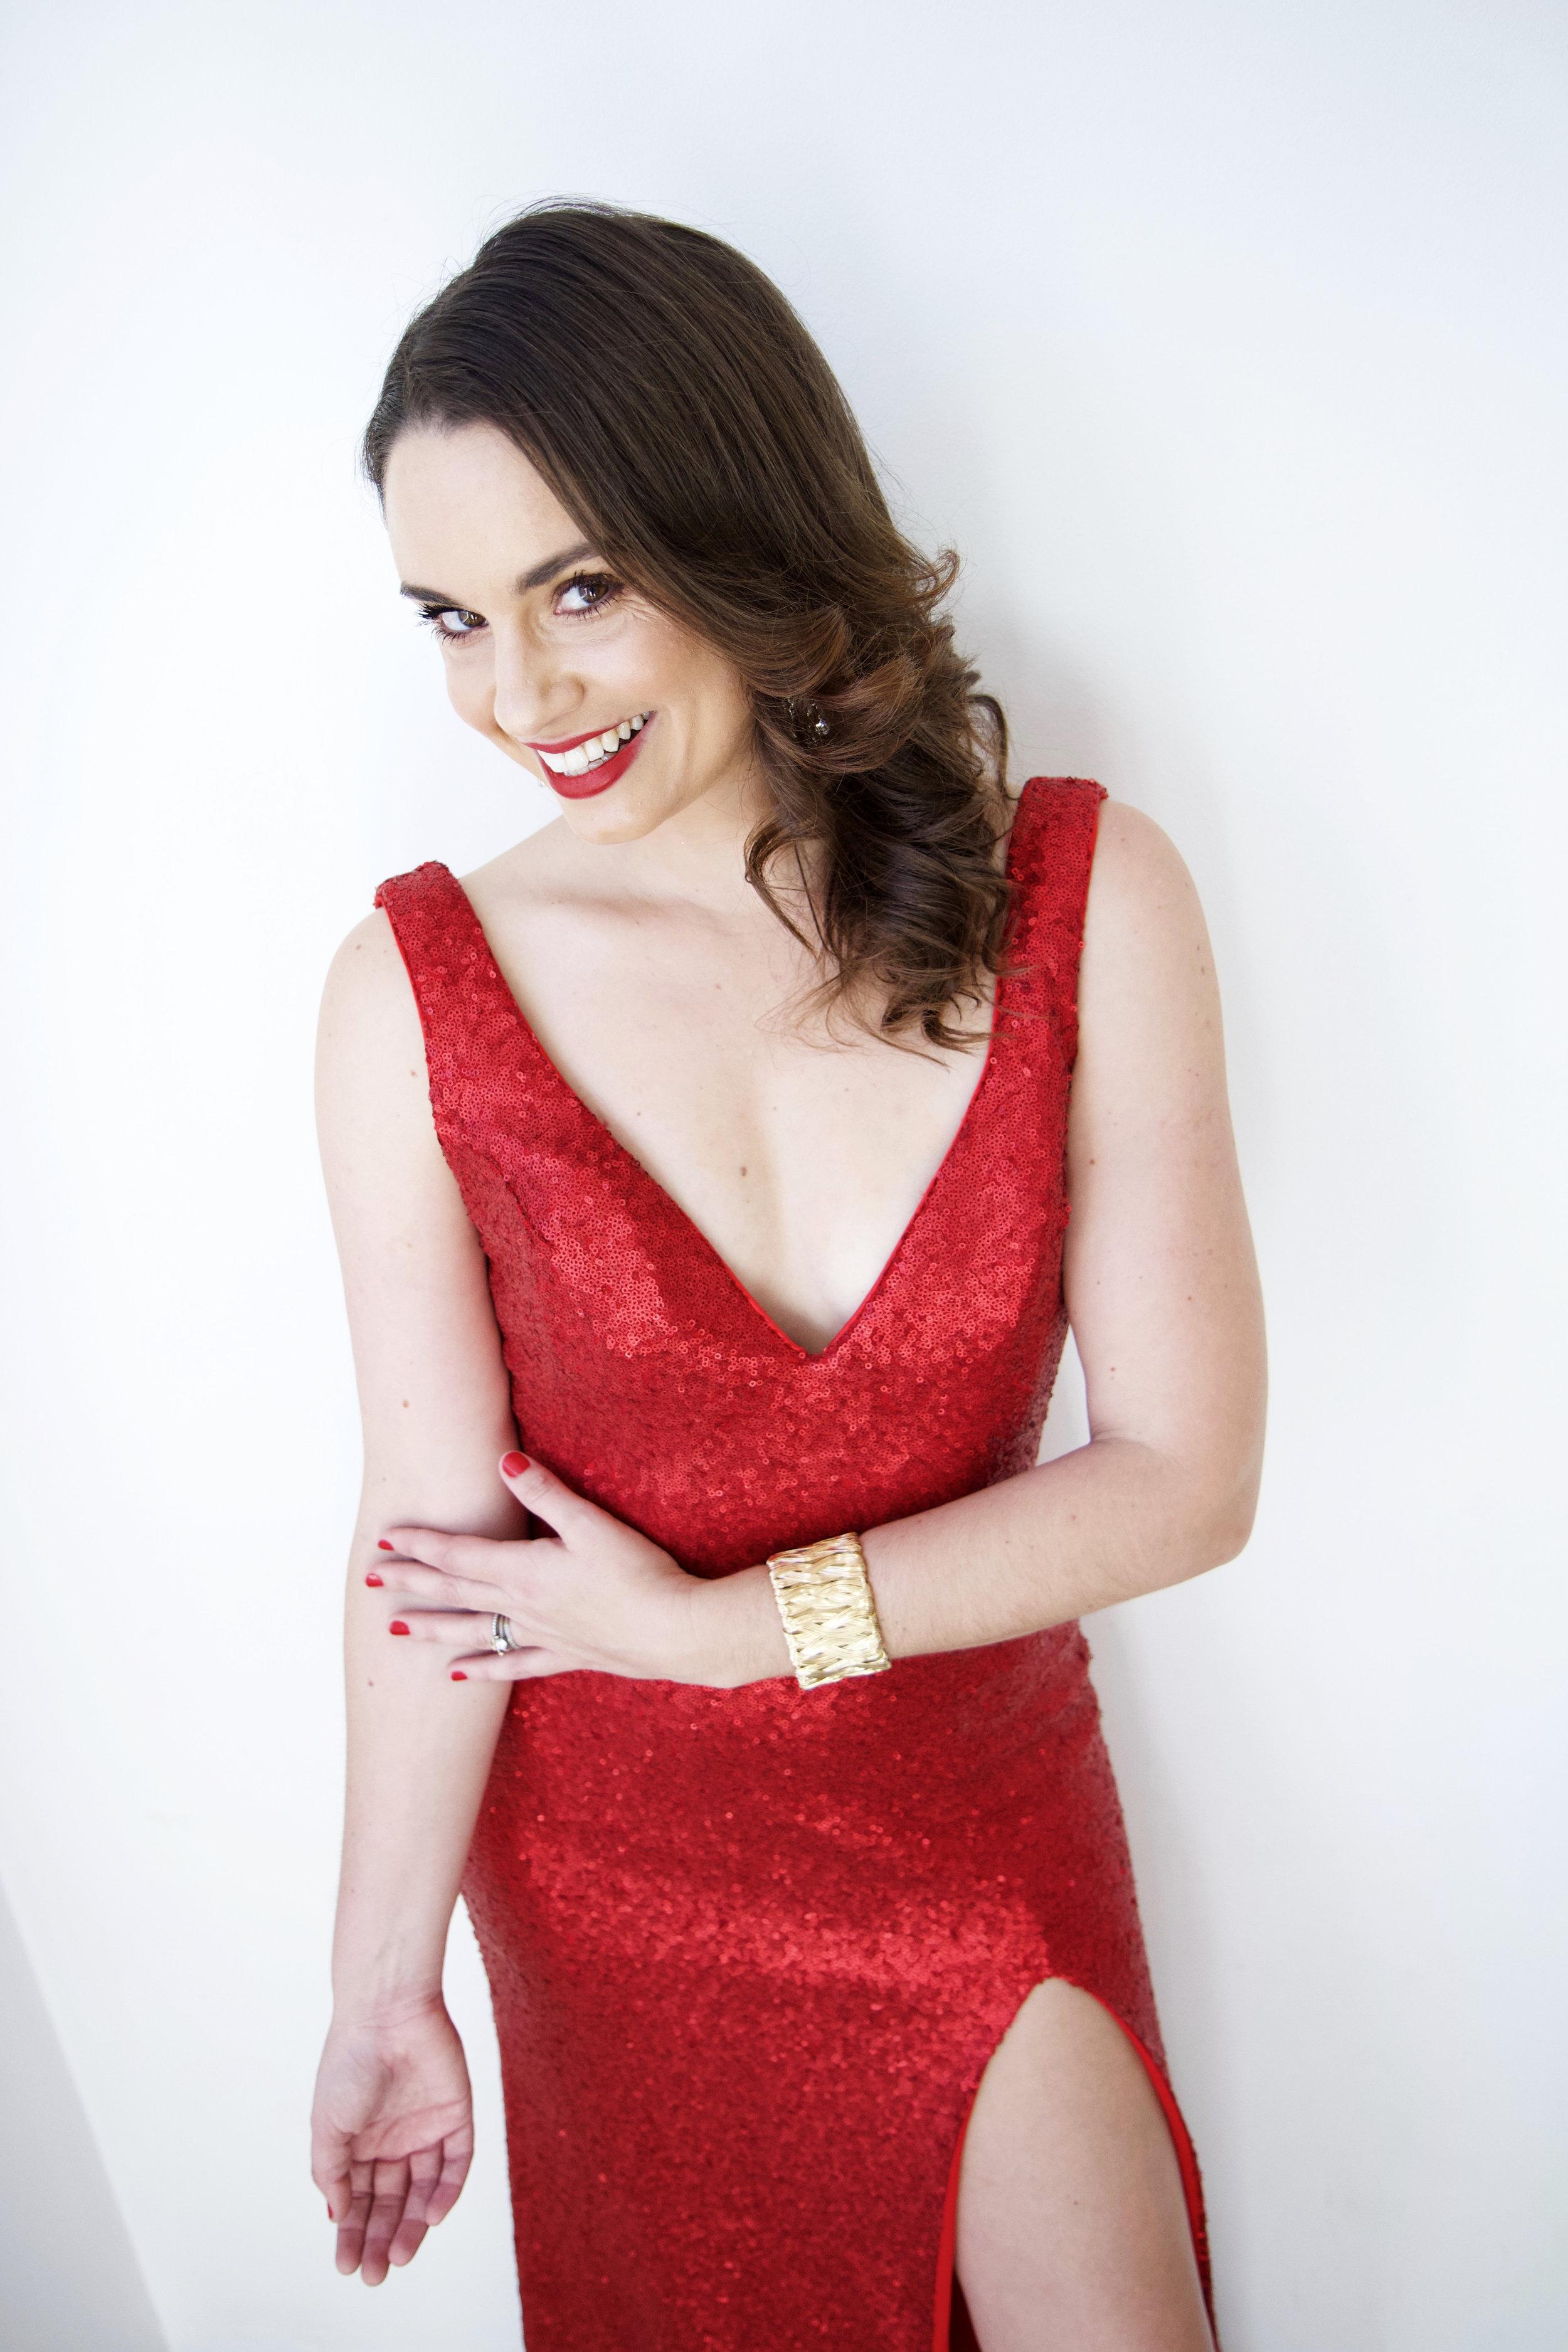 Tori Red Dress #7.jpg